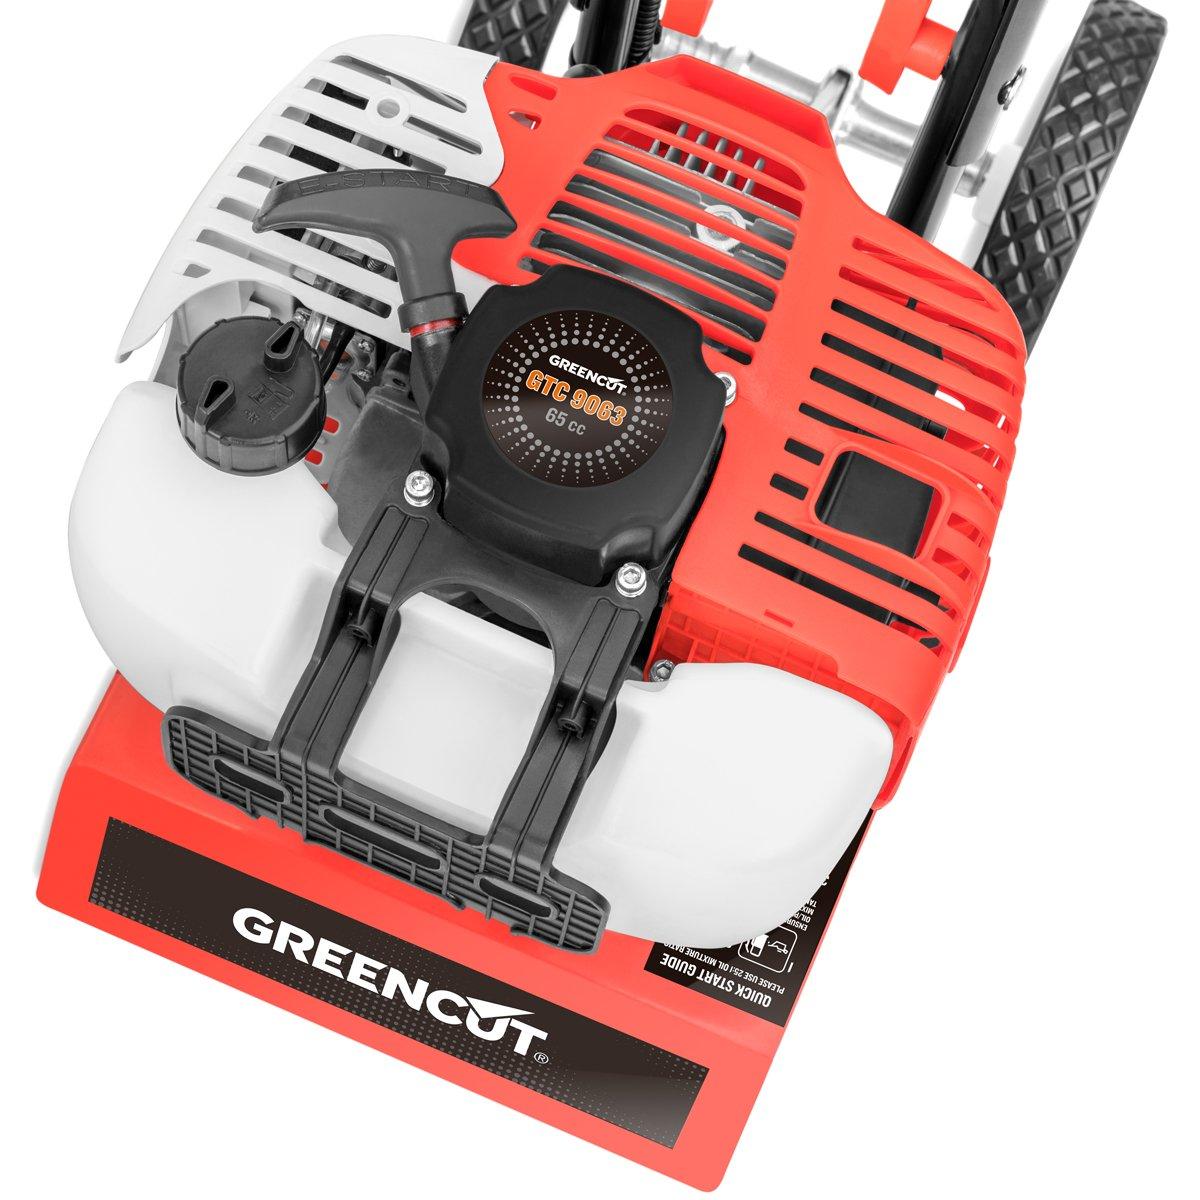 Greencut GTC130X - Motocultor/motoazada compacta con motor de gasolina 65cc y 3,7cv, superficie de trabajo recomendada de 10m2